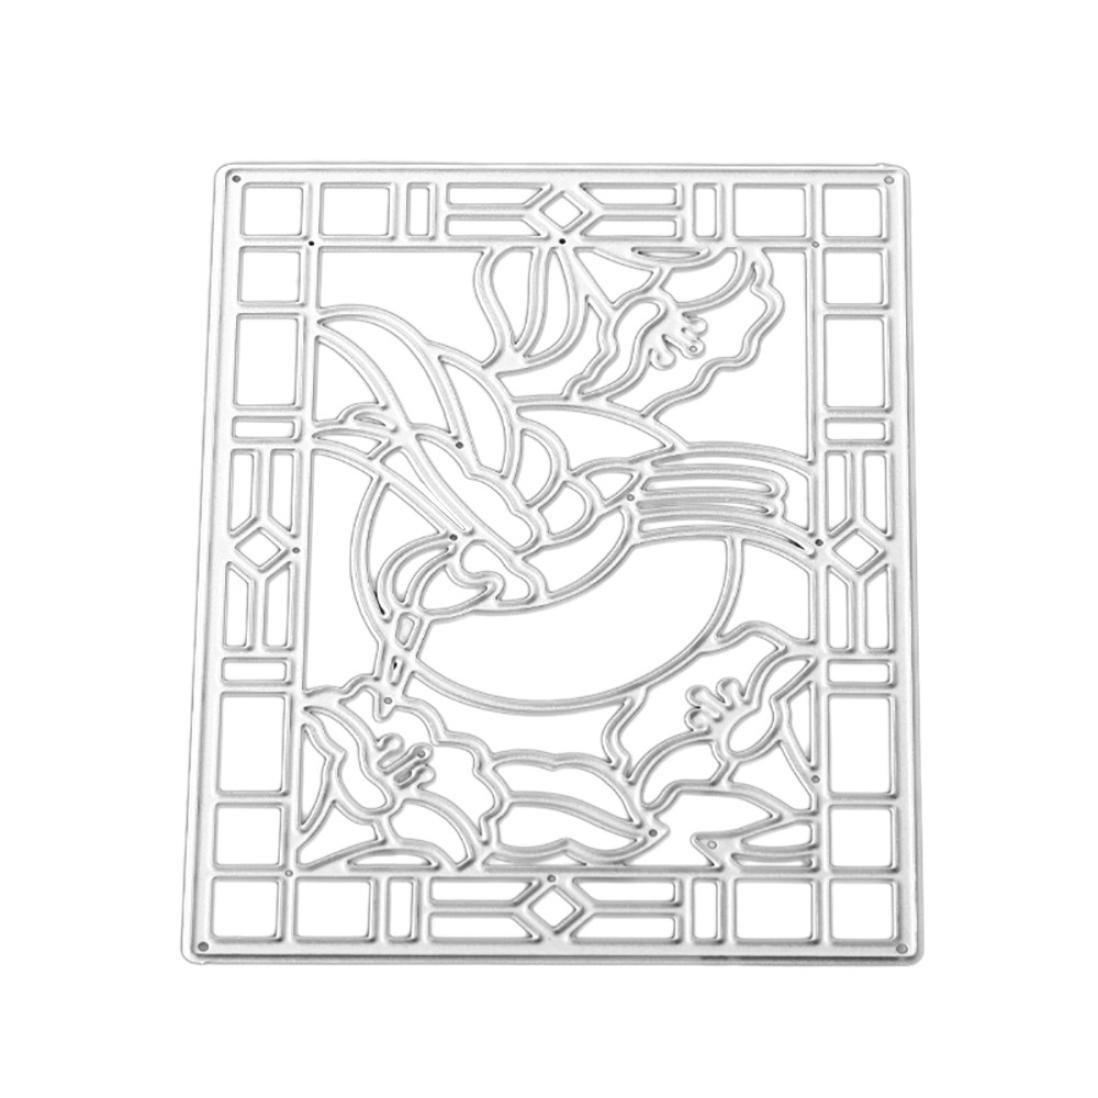 FNKDOR Fustellatrice Fustella Stencil DIY Album Stampo Metallo Segnalibro Taglio del Mestiere Goffratura Stampi Accessori per Big Shot e altre Fustellatrice macchina Fustelle per Scrapbooking A